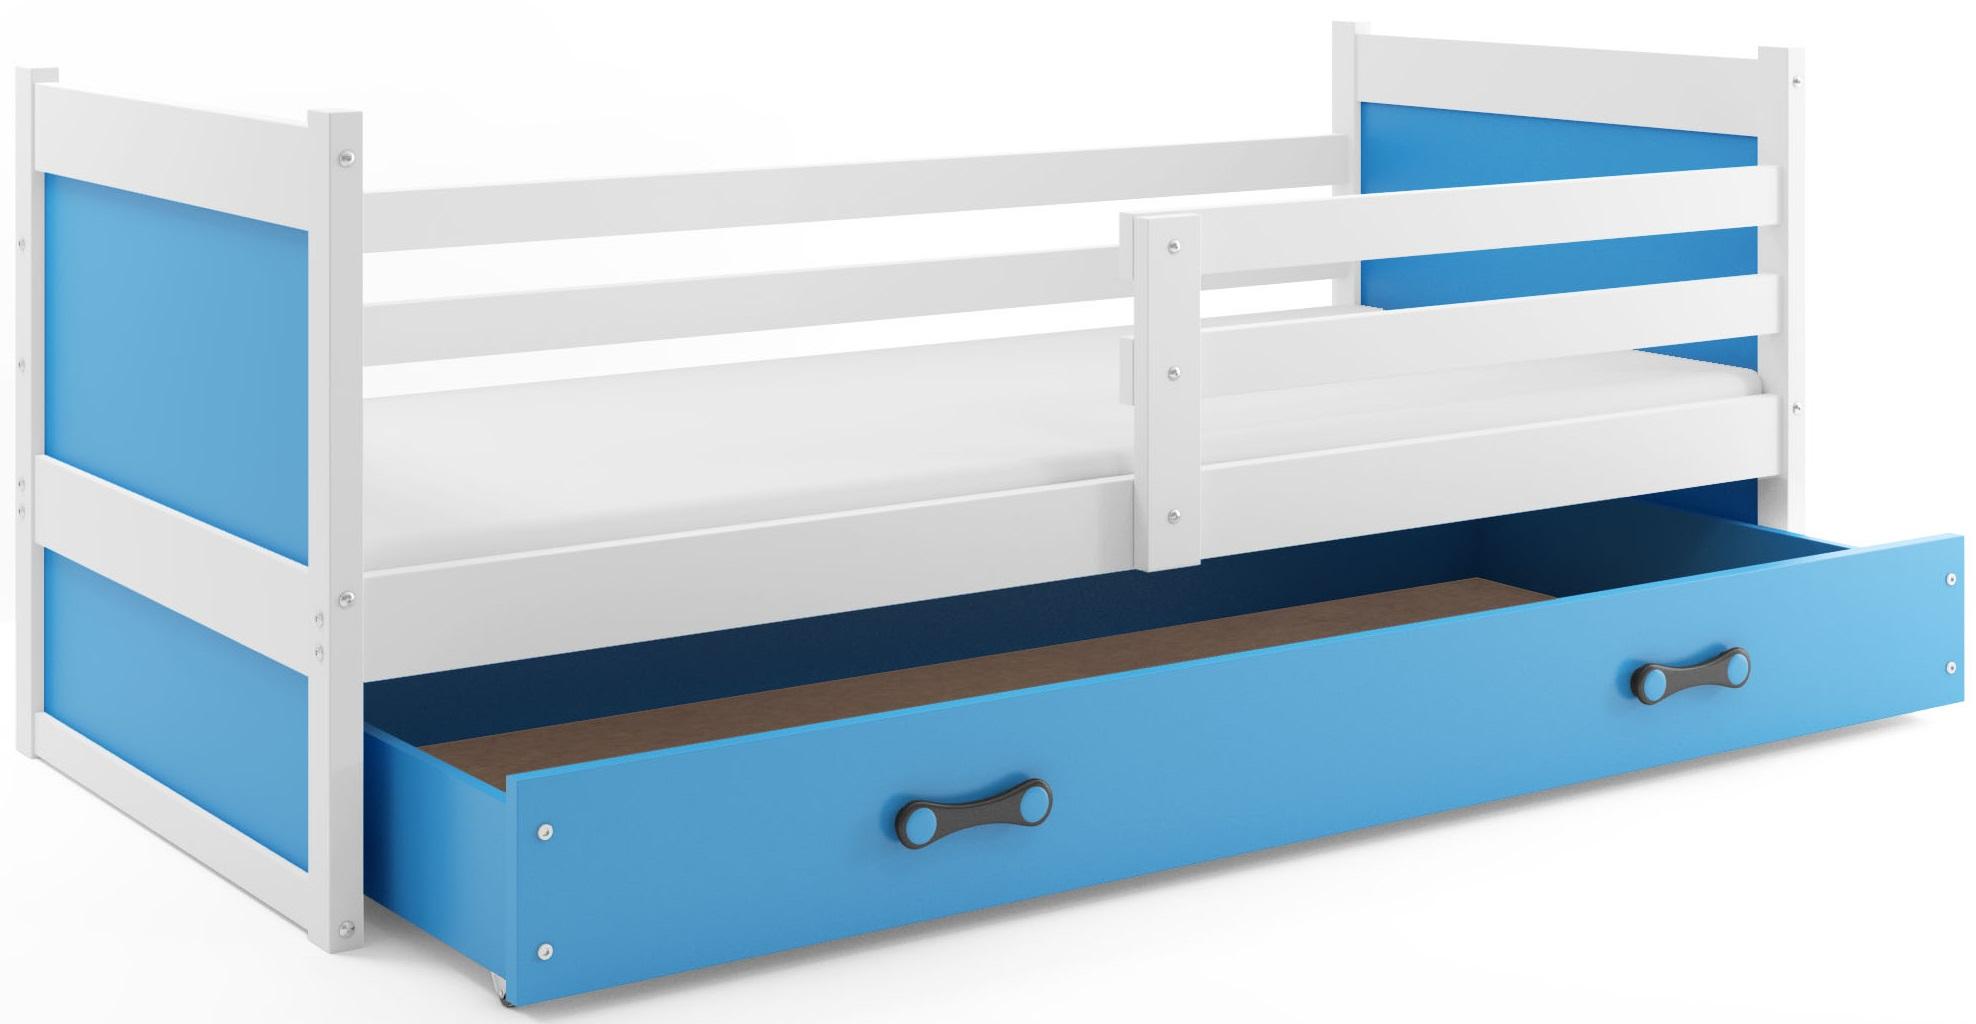 BMS Detská posteľ RICO 1 / BIELA 200x90 Farba: Biela - do vypredania zásob